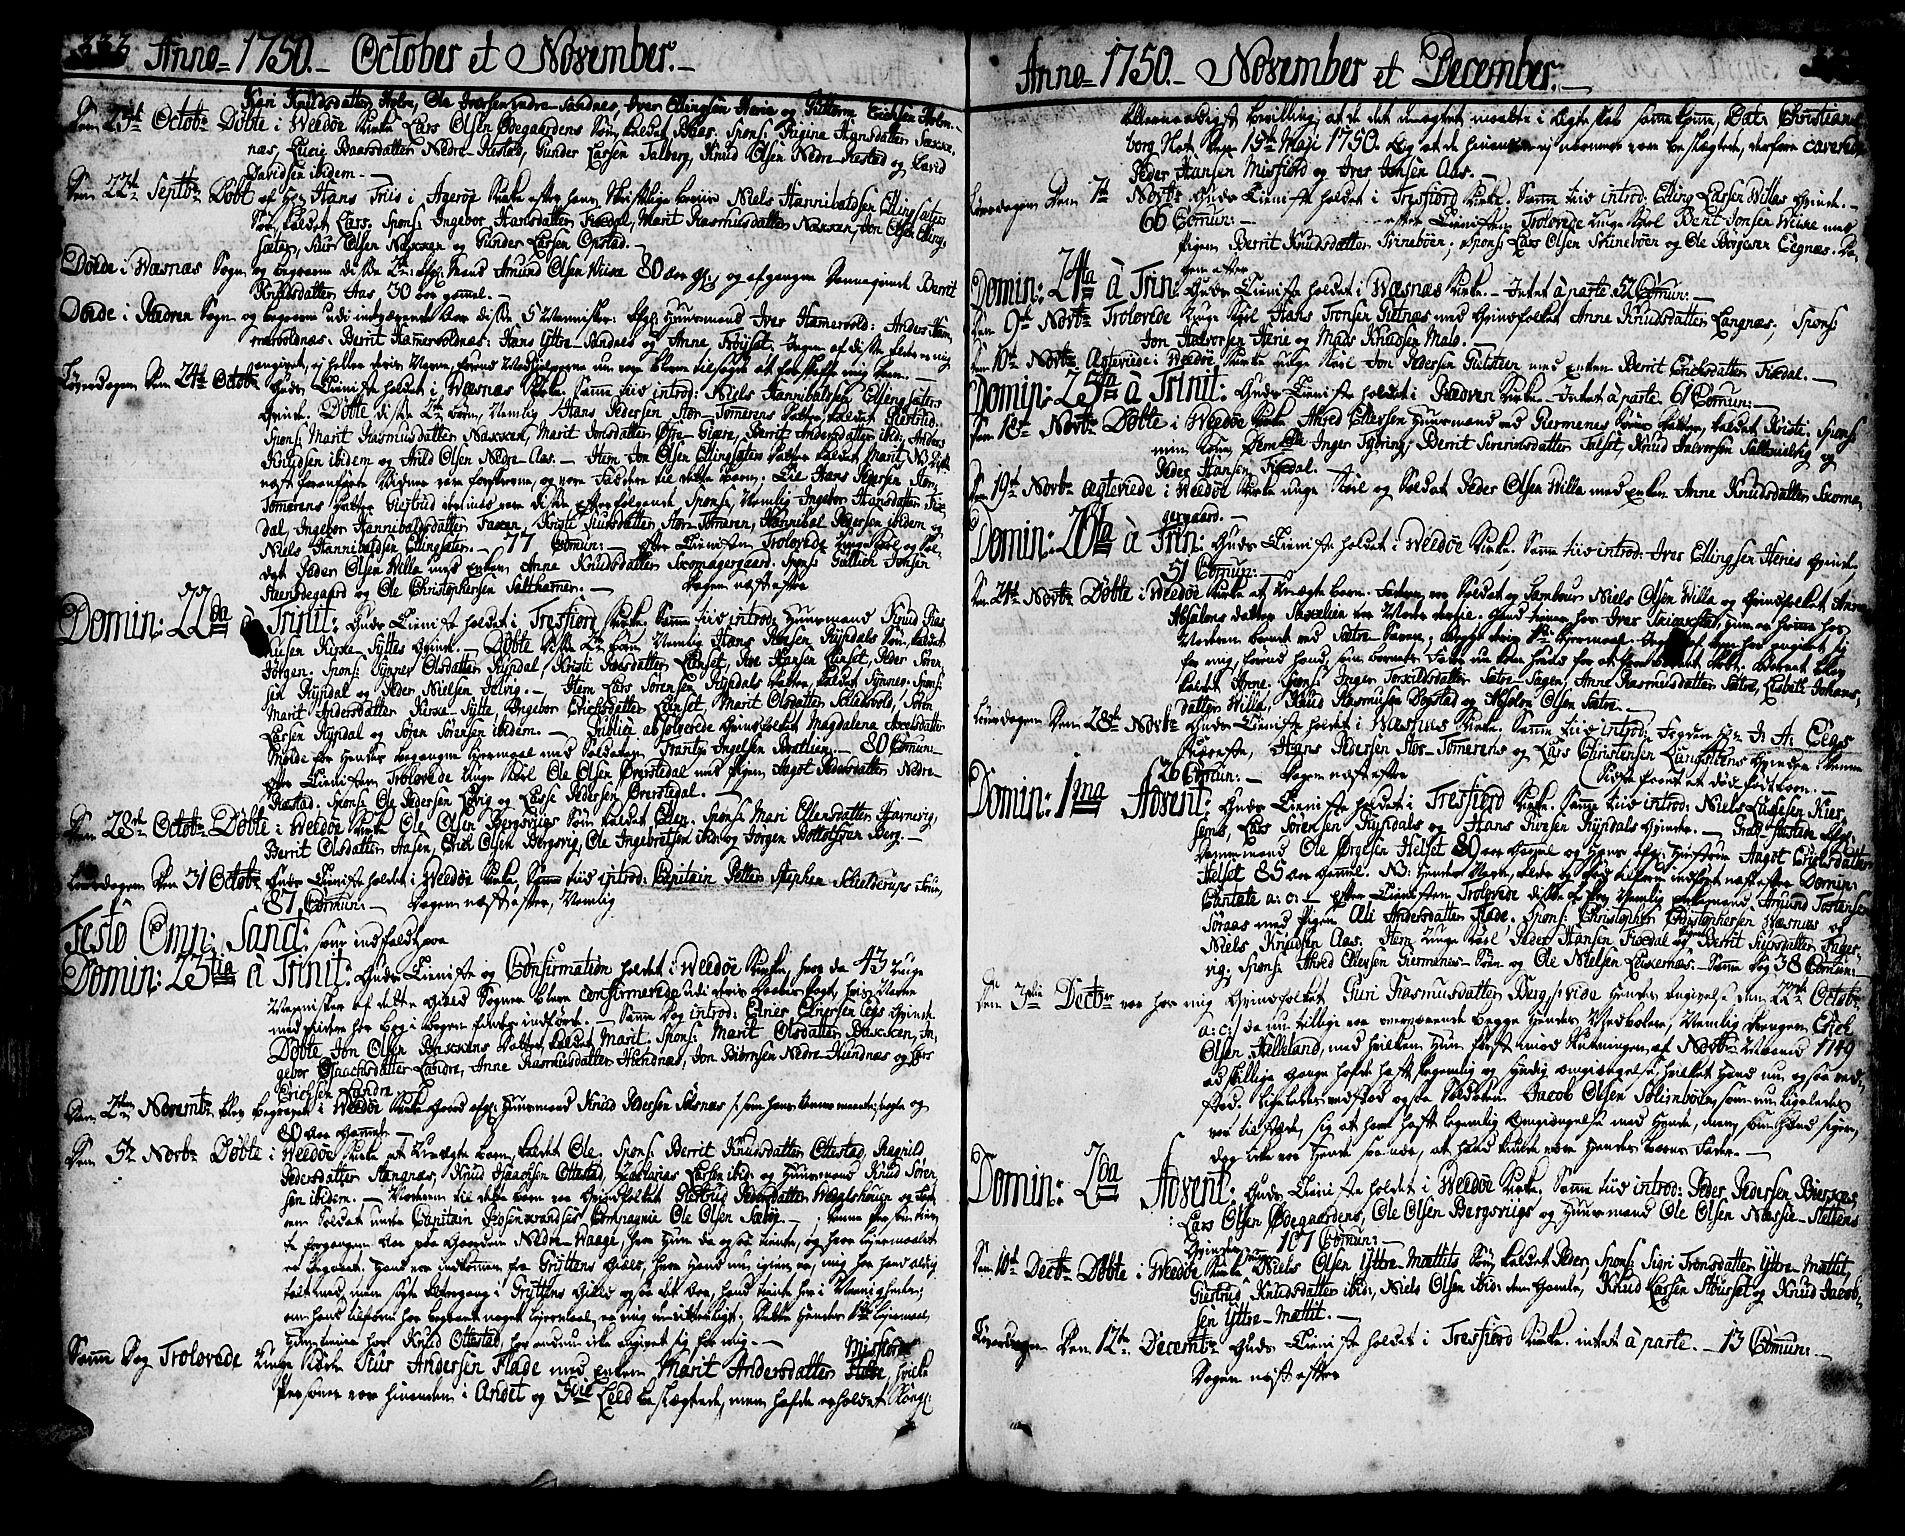 SAT, Ministerialprotokoller, klokkerbøker og fødselsregistre - Møre og Romsdal, 547/L0599: Ministerialbok nr. 547A01, 1721-1764, s. 333-334